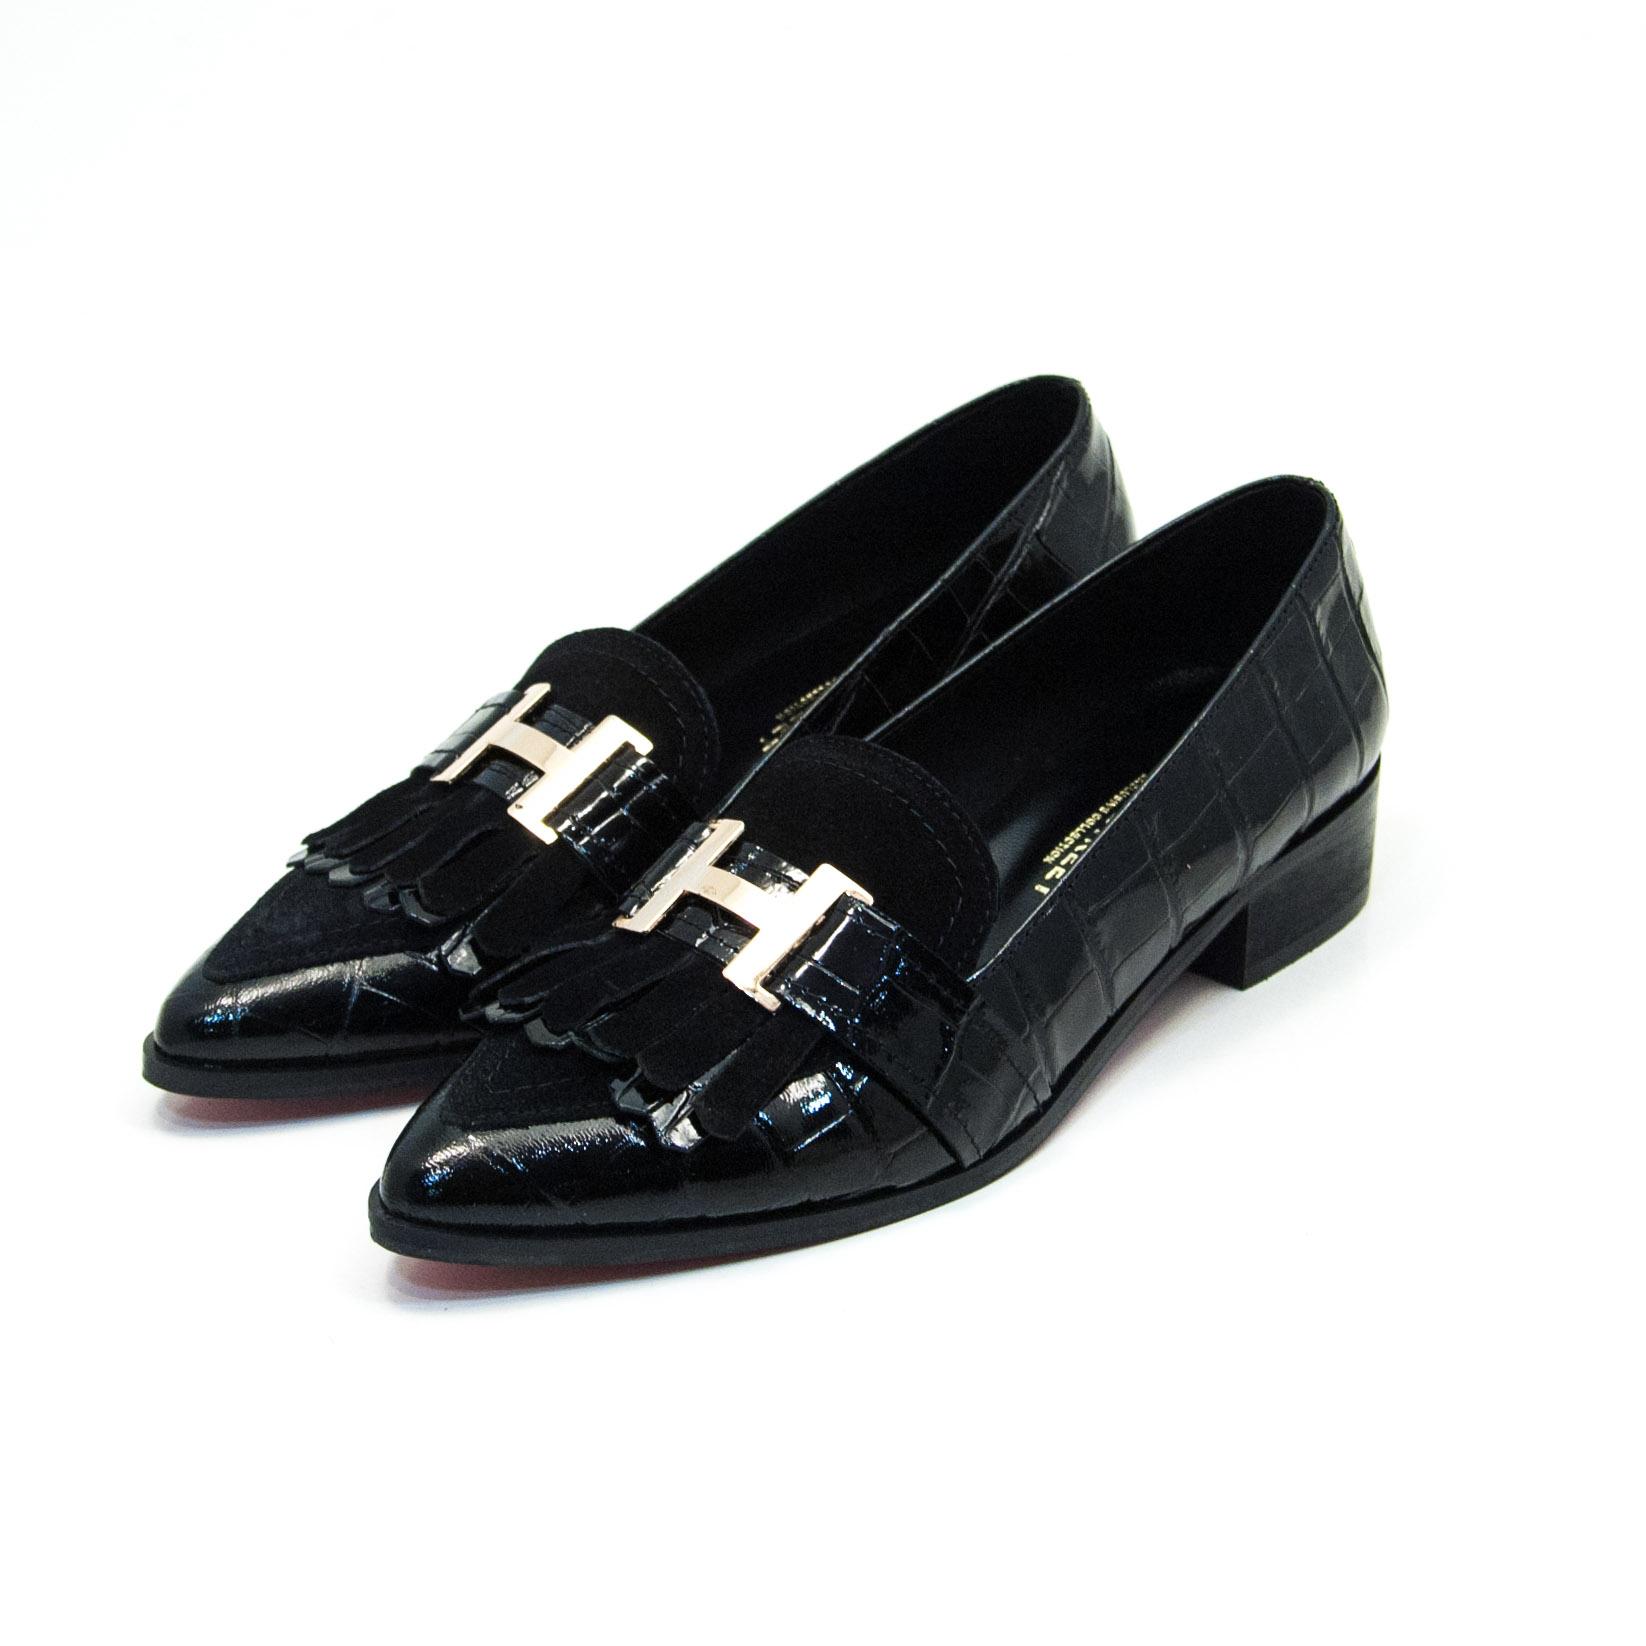 Γυναικείο παπούτσι WALL STREET 15620719